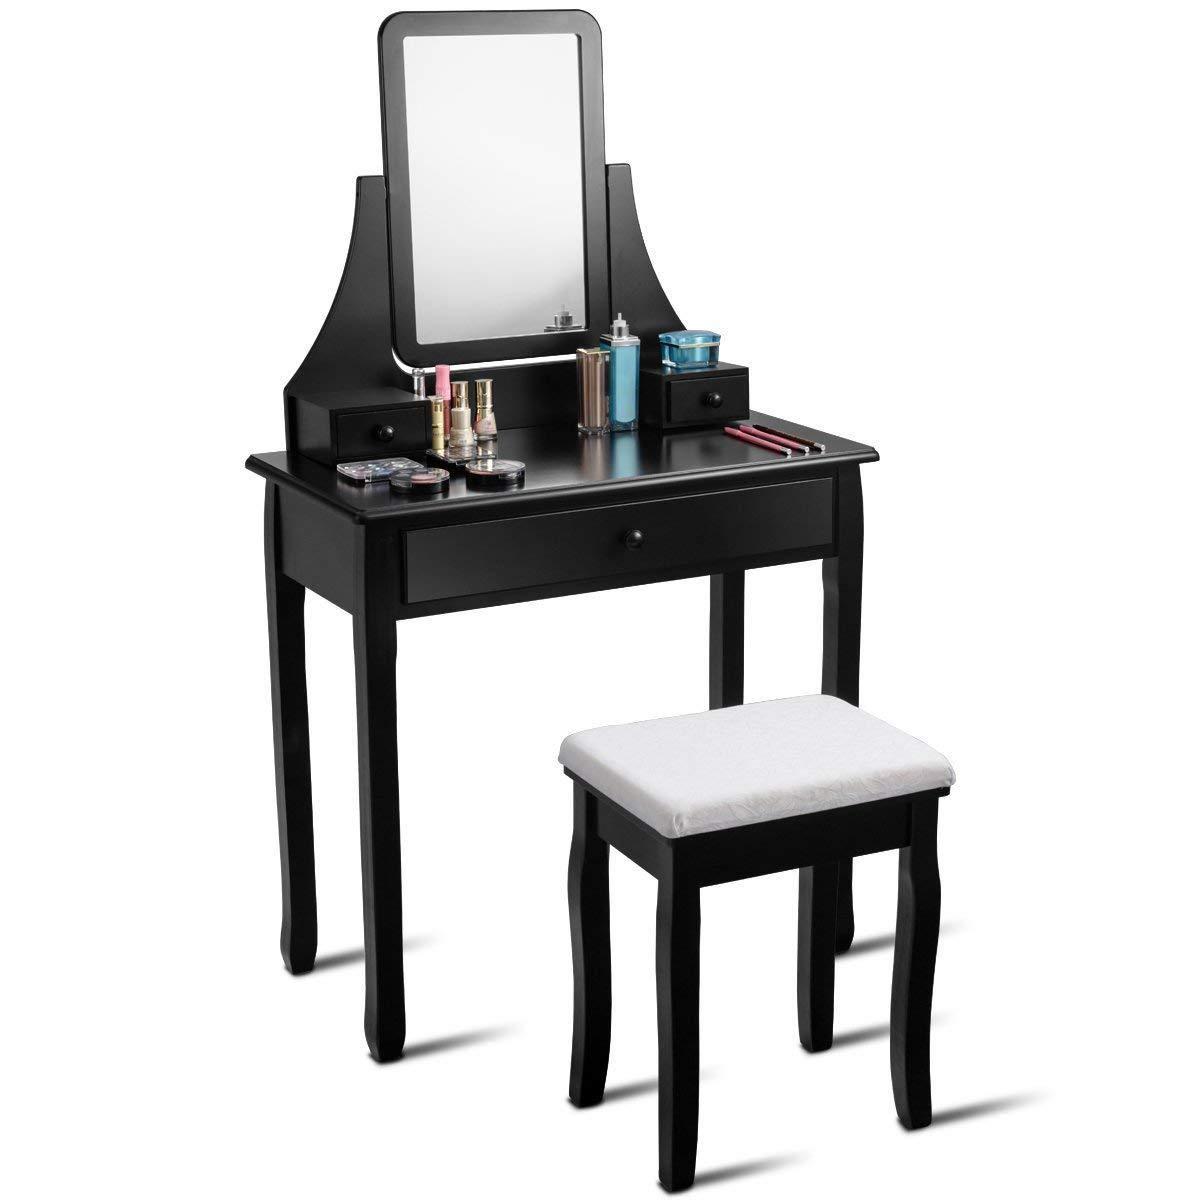 Tocador moderno Tocador con espejo giratorio y taburete, escritorio de maquillaje con 3 cajones, organizador de tocador negro para el dormitorio Dormitorio Maquillaje Cómoda Muebles de escritorio: Amazon.es: Hogar